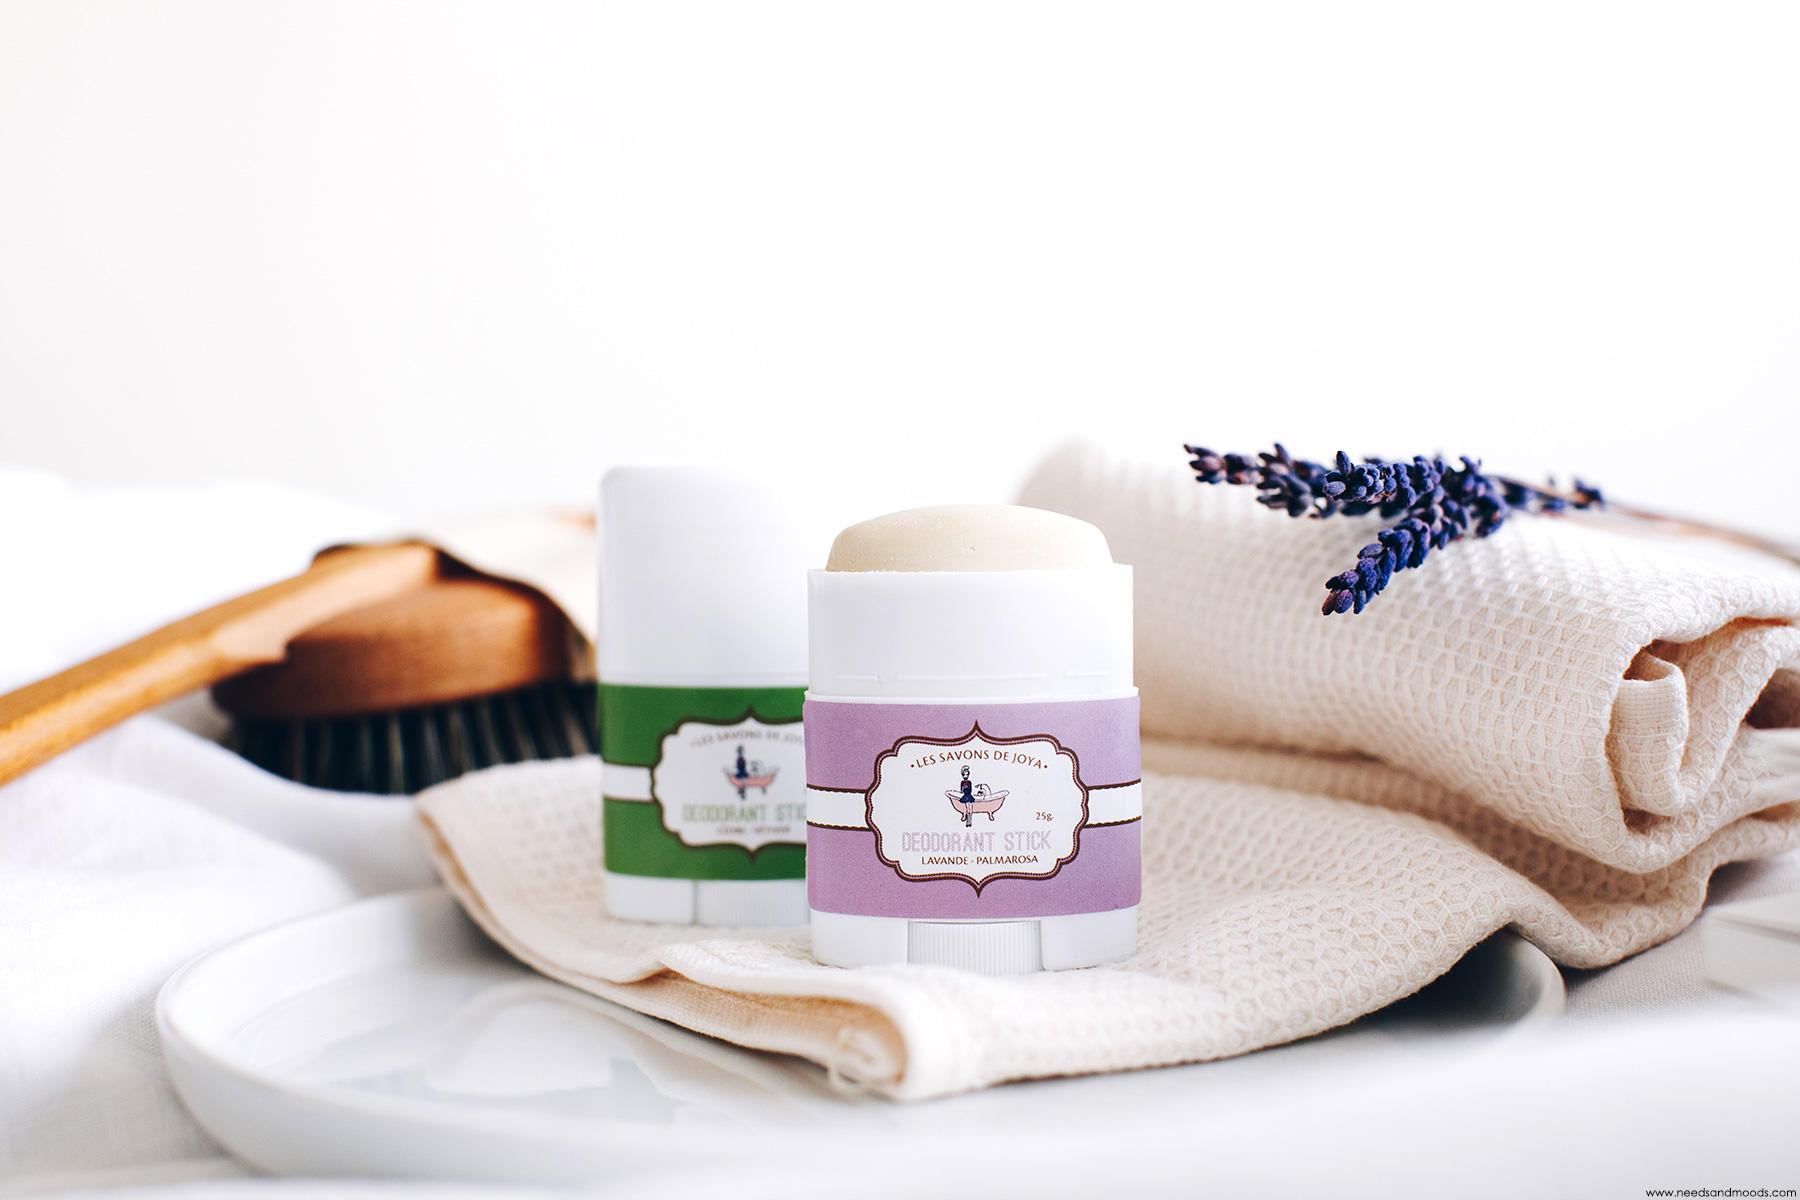 les savons de joya avis deodorant